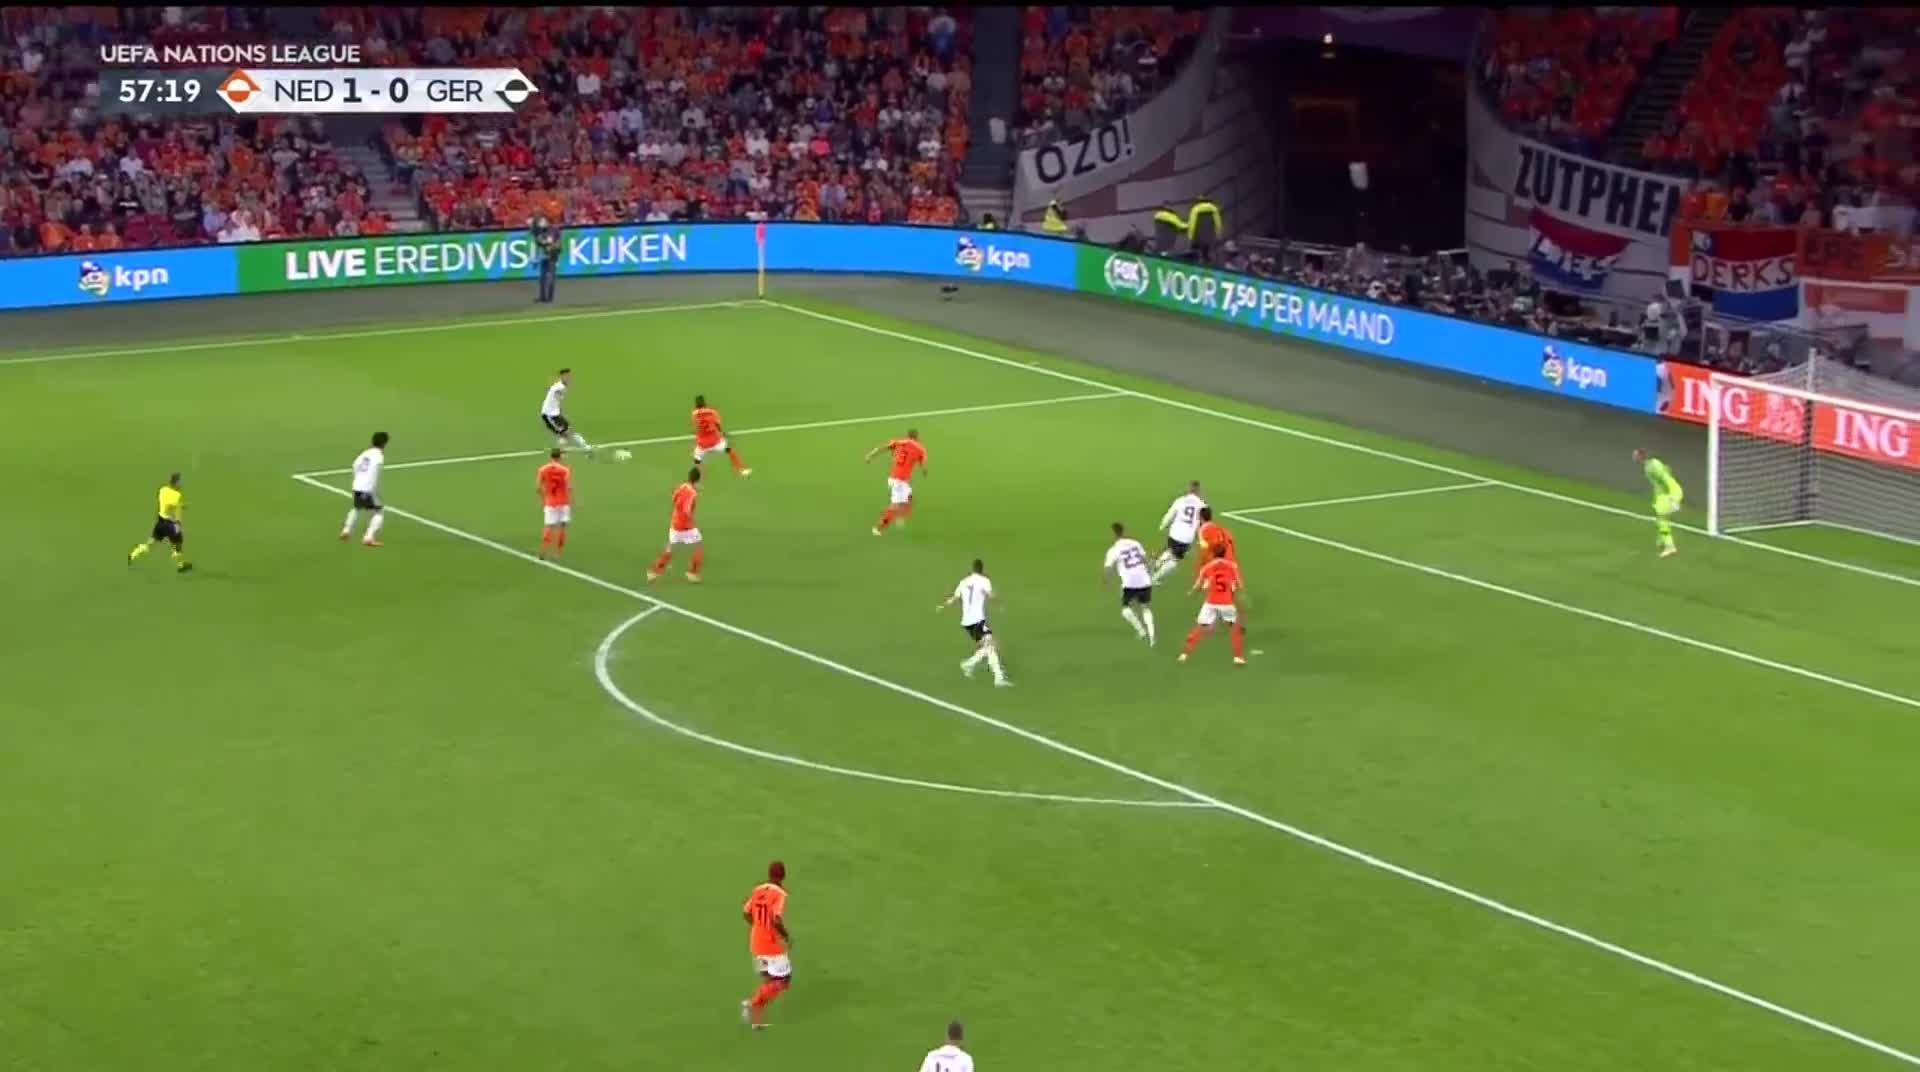 [视频]欧国联:荷兰3-0击败德国 范迪克德佩分别建功